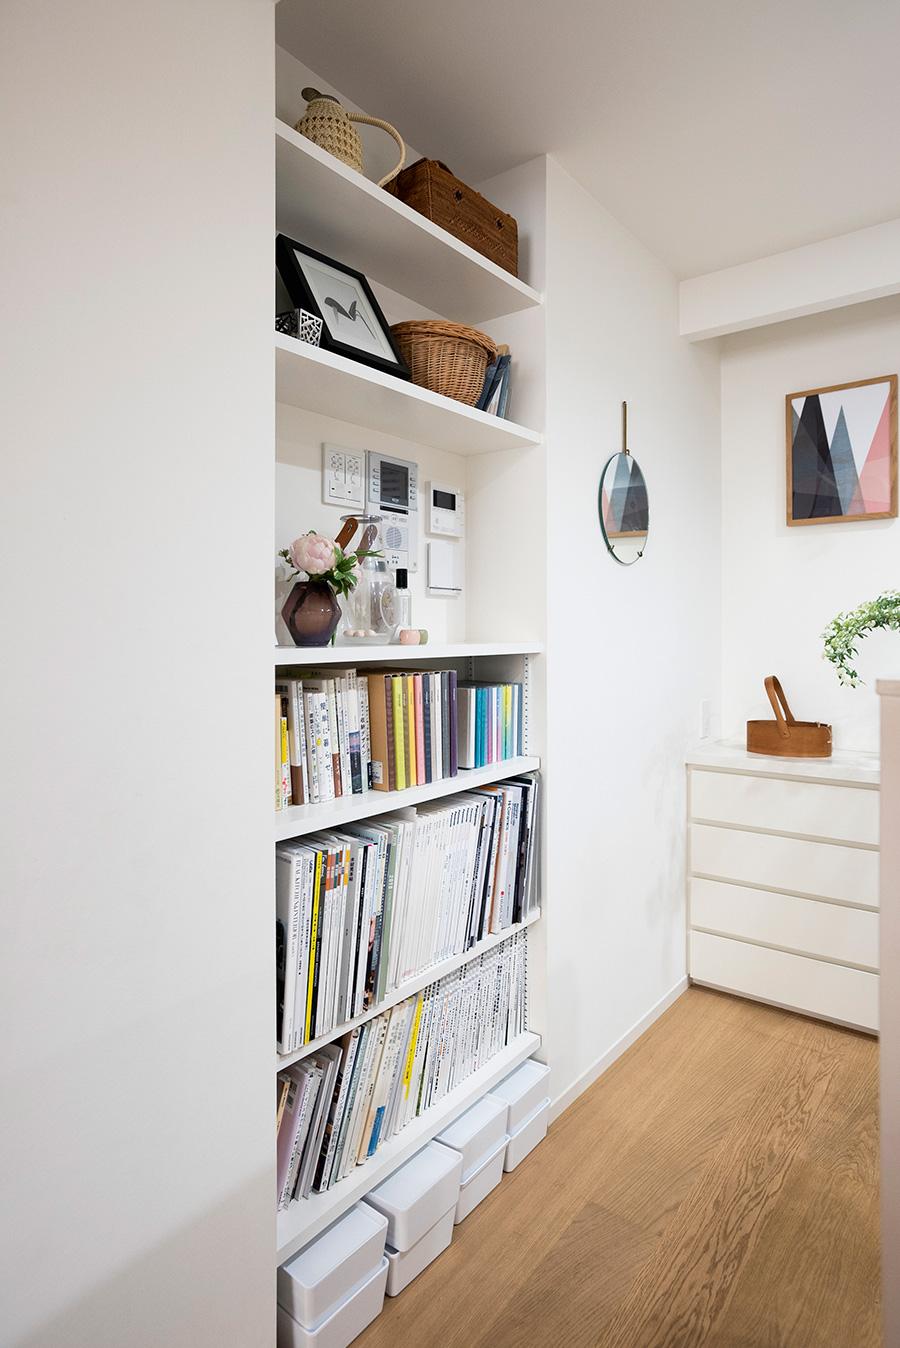 キッチンの入り口に本棚を。リビングにも近くて便利。奥は鏡を備えてメイクコーナーに。